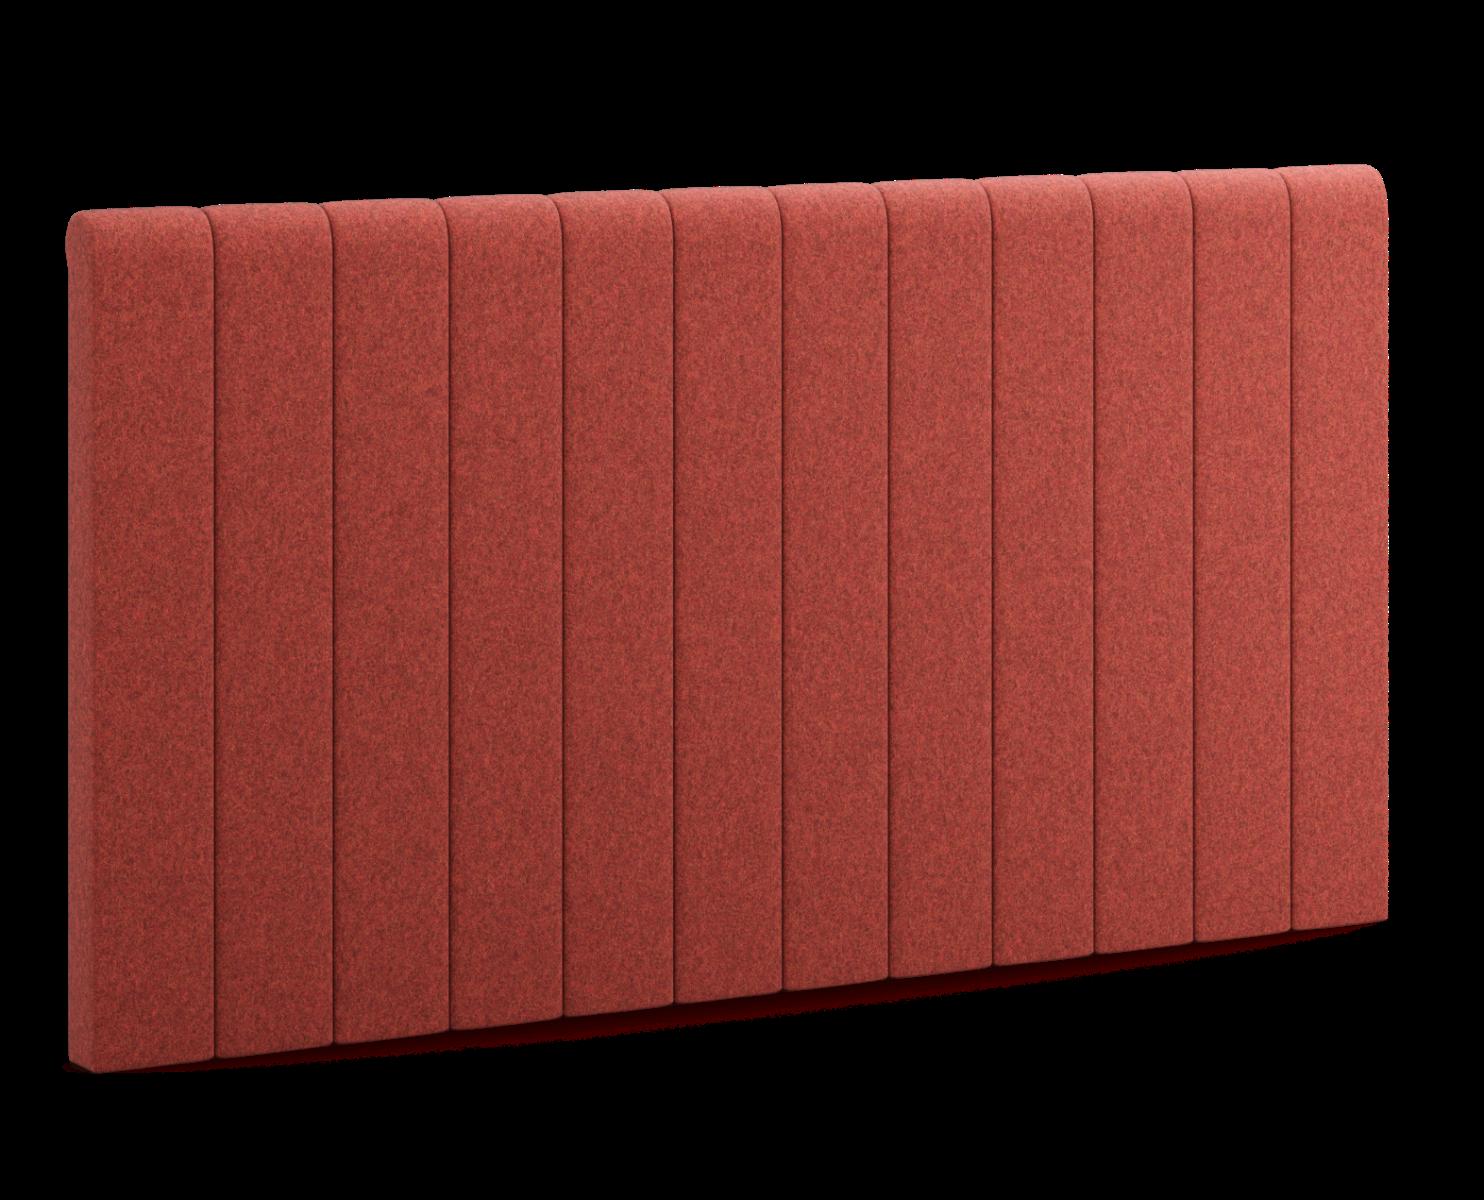 Køb Ovia Regal - 240x130x10 Rust